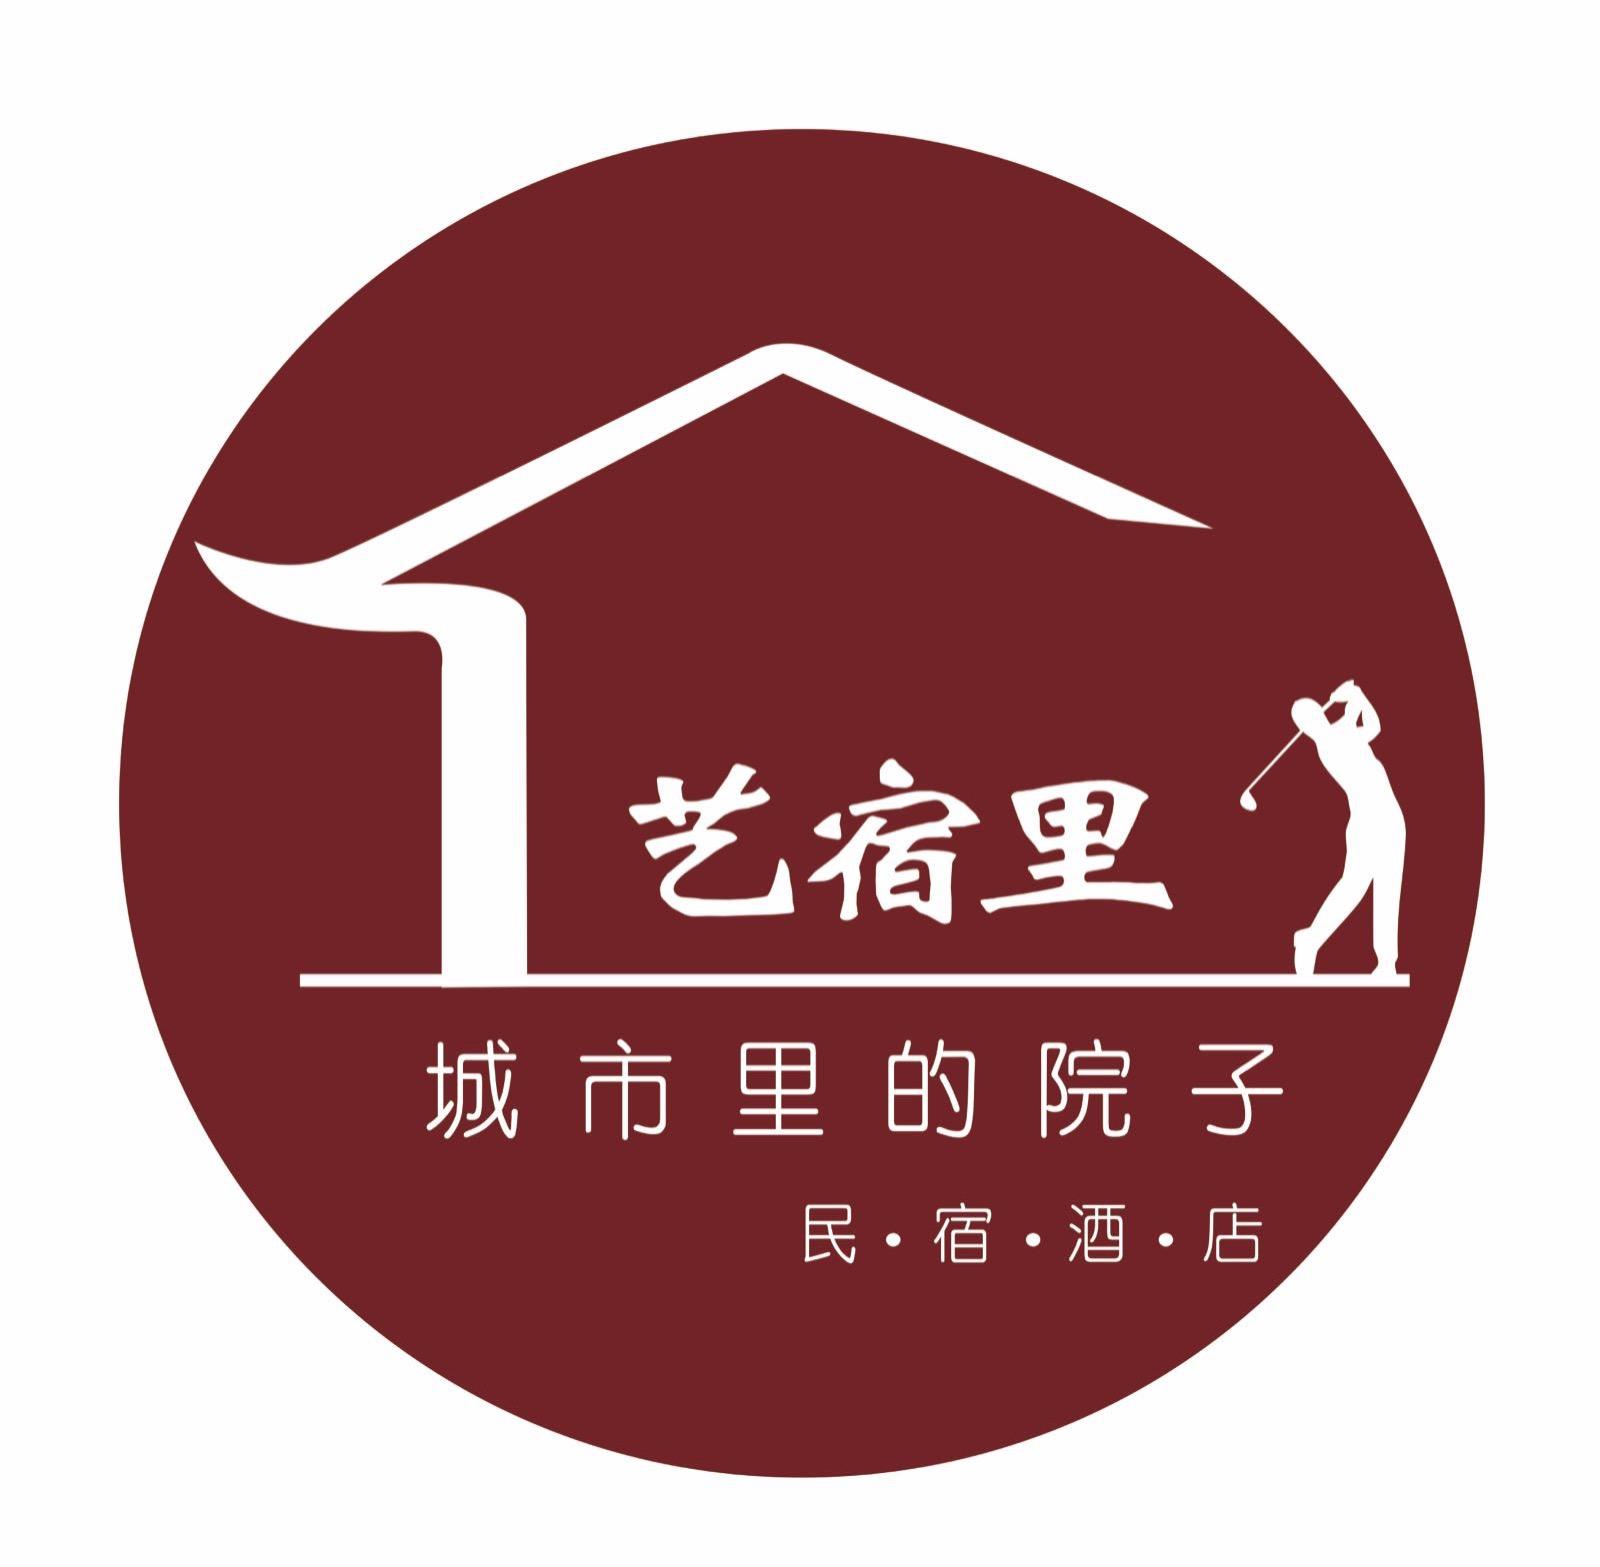 成都艺宿里文化旅游有限公司